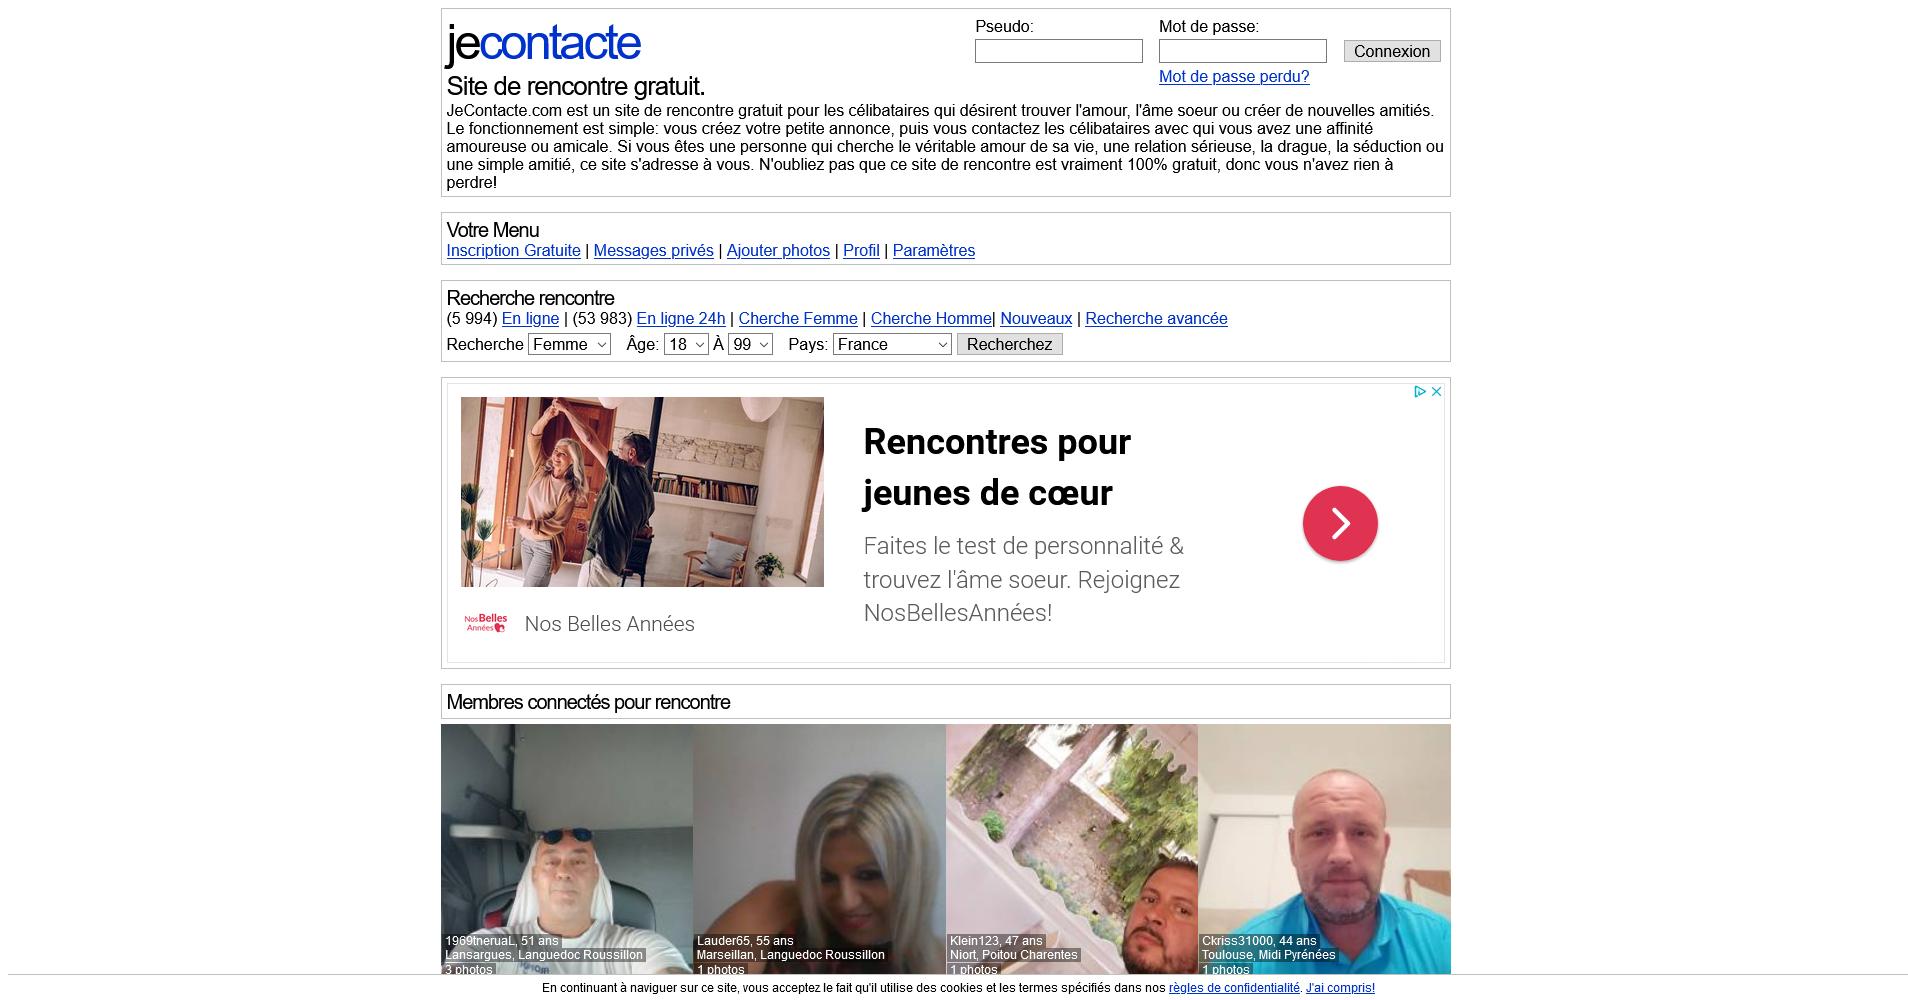 jecontacte_com